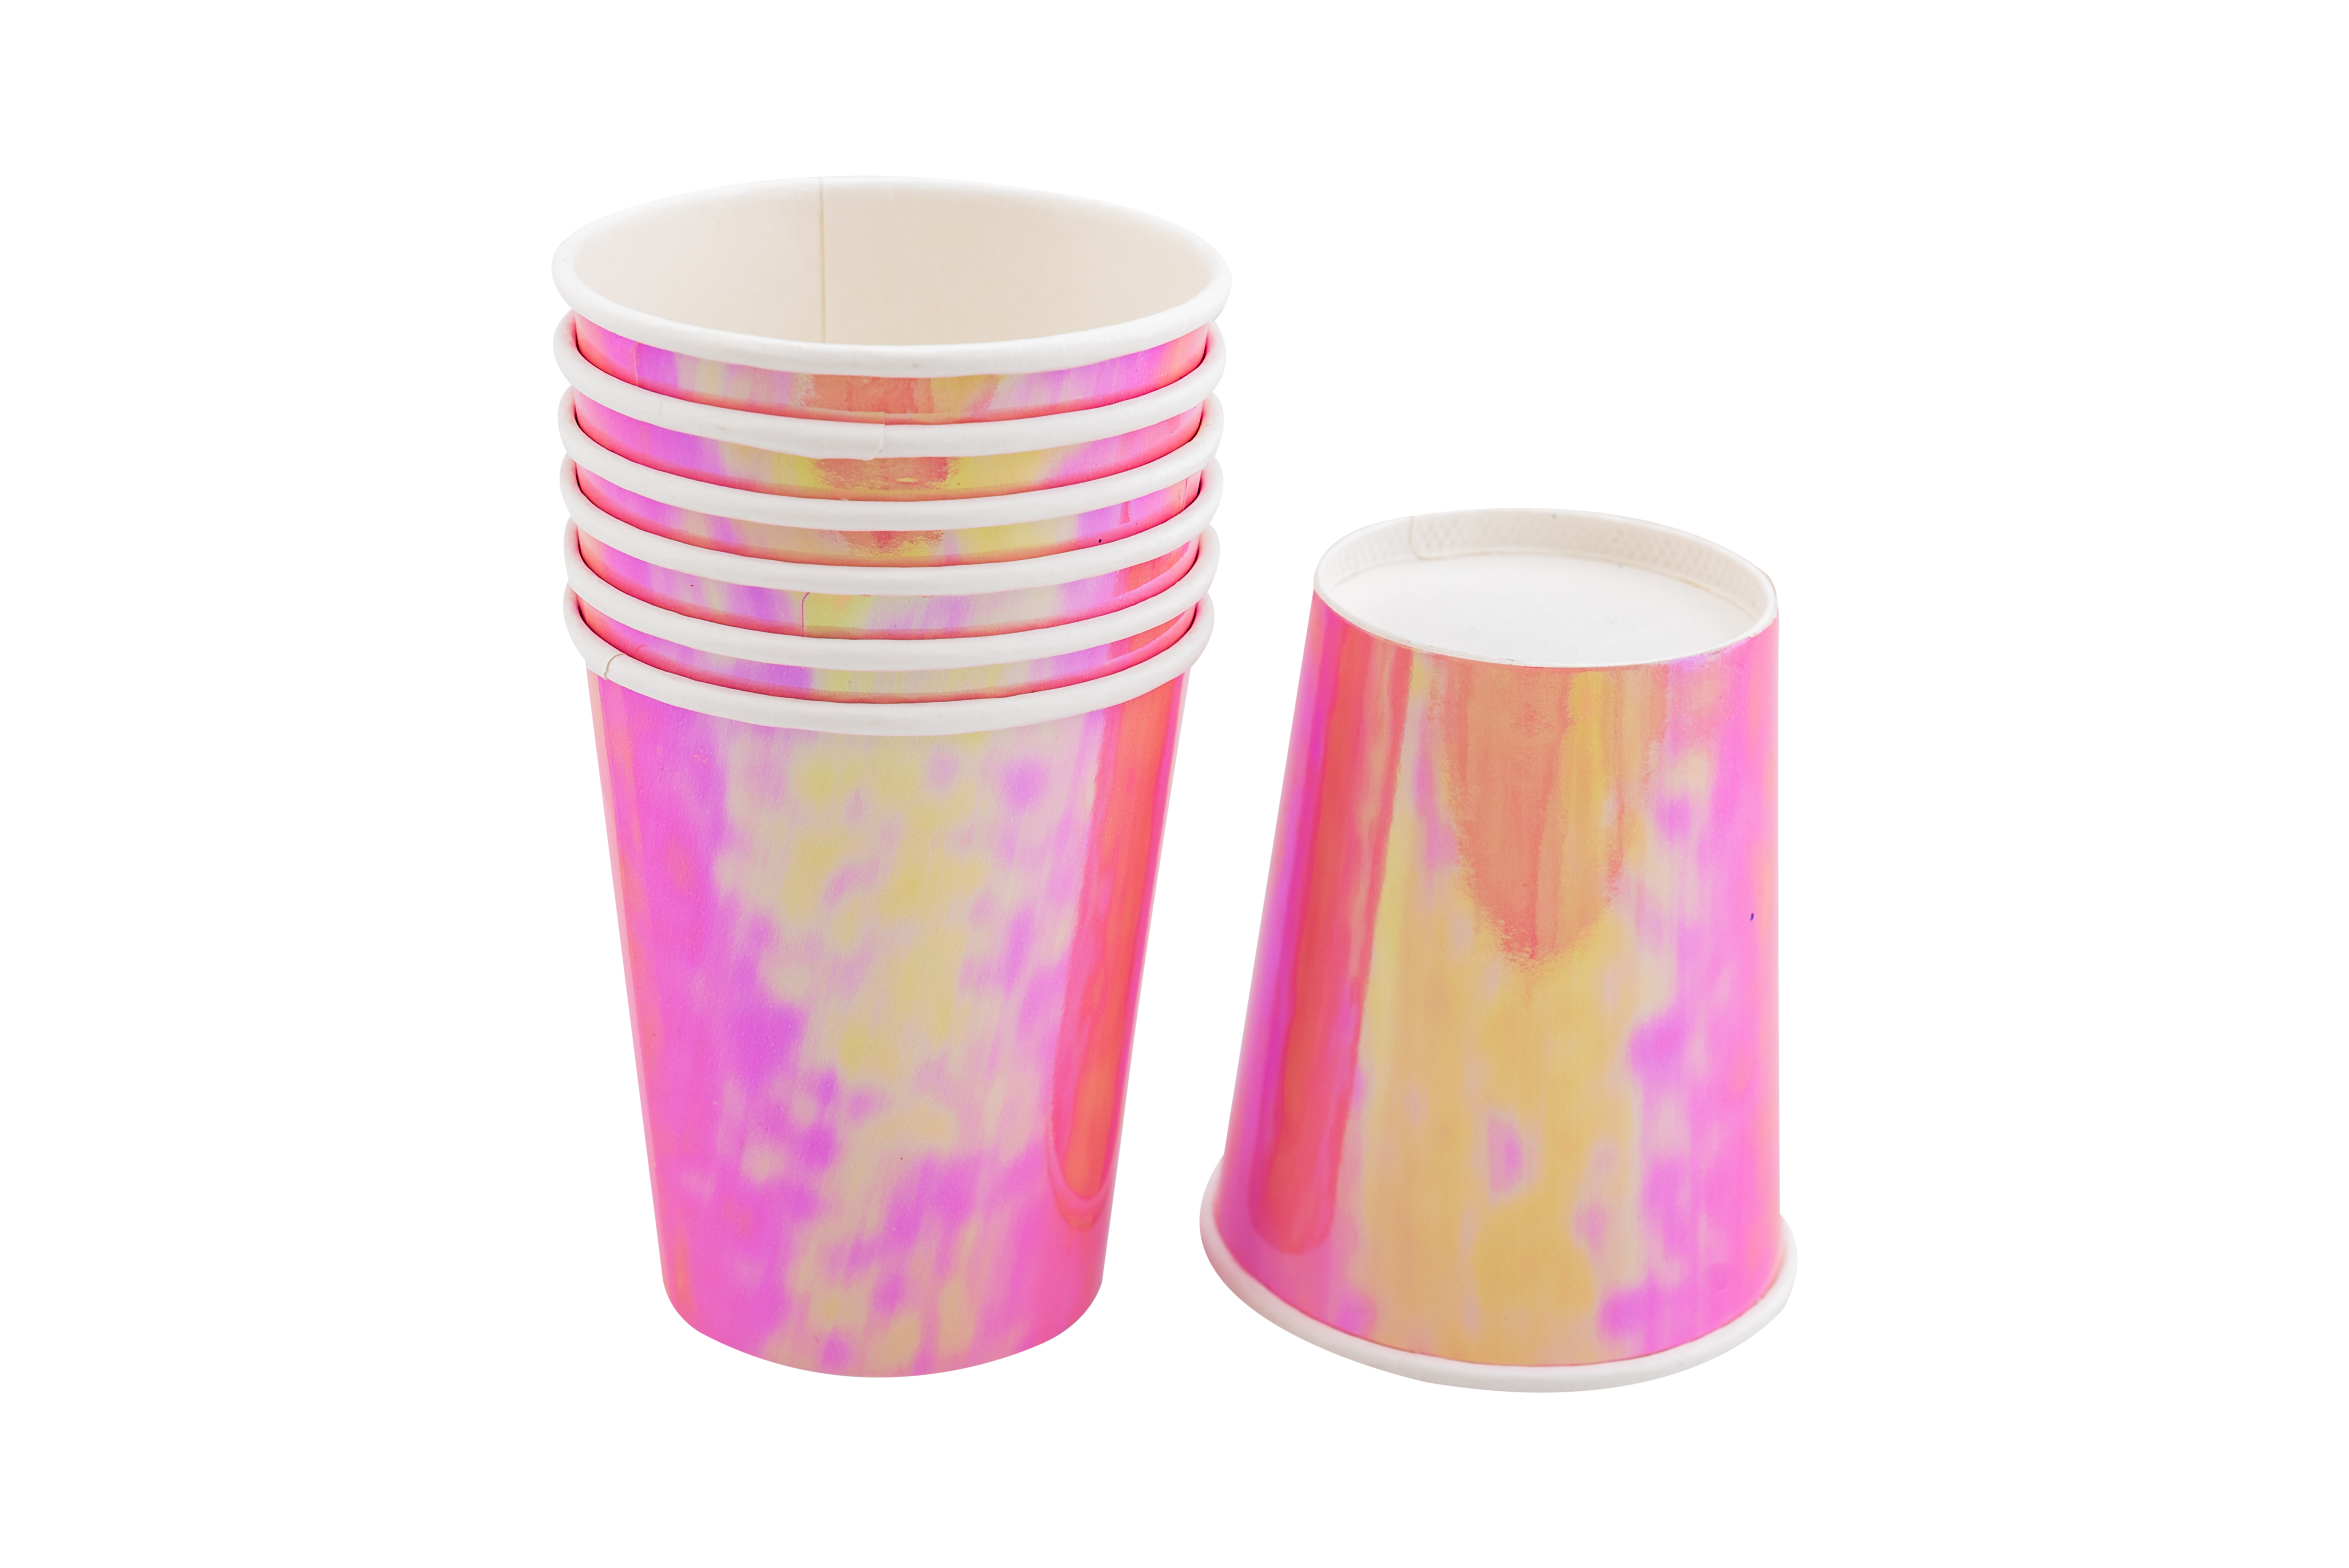 כוסות נייר אולטרה ורוד